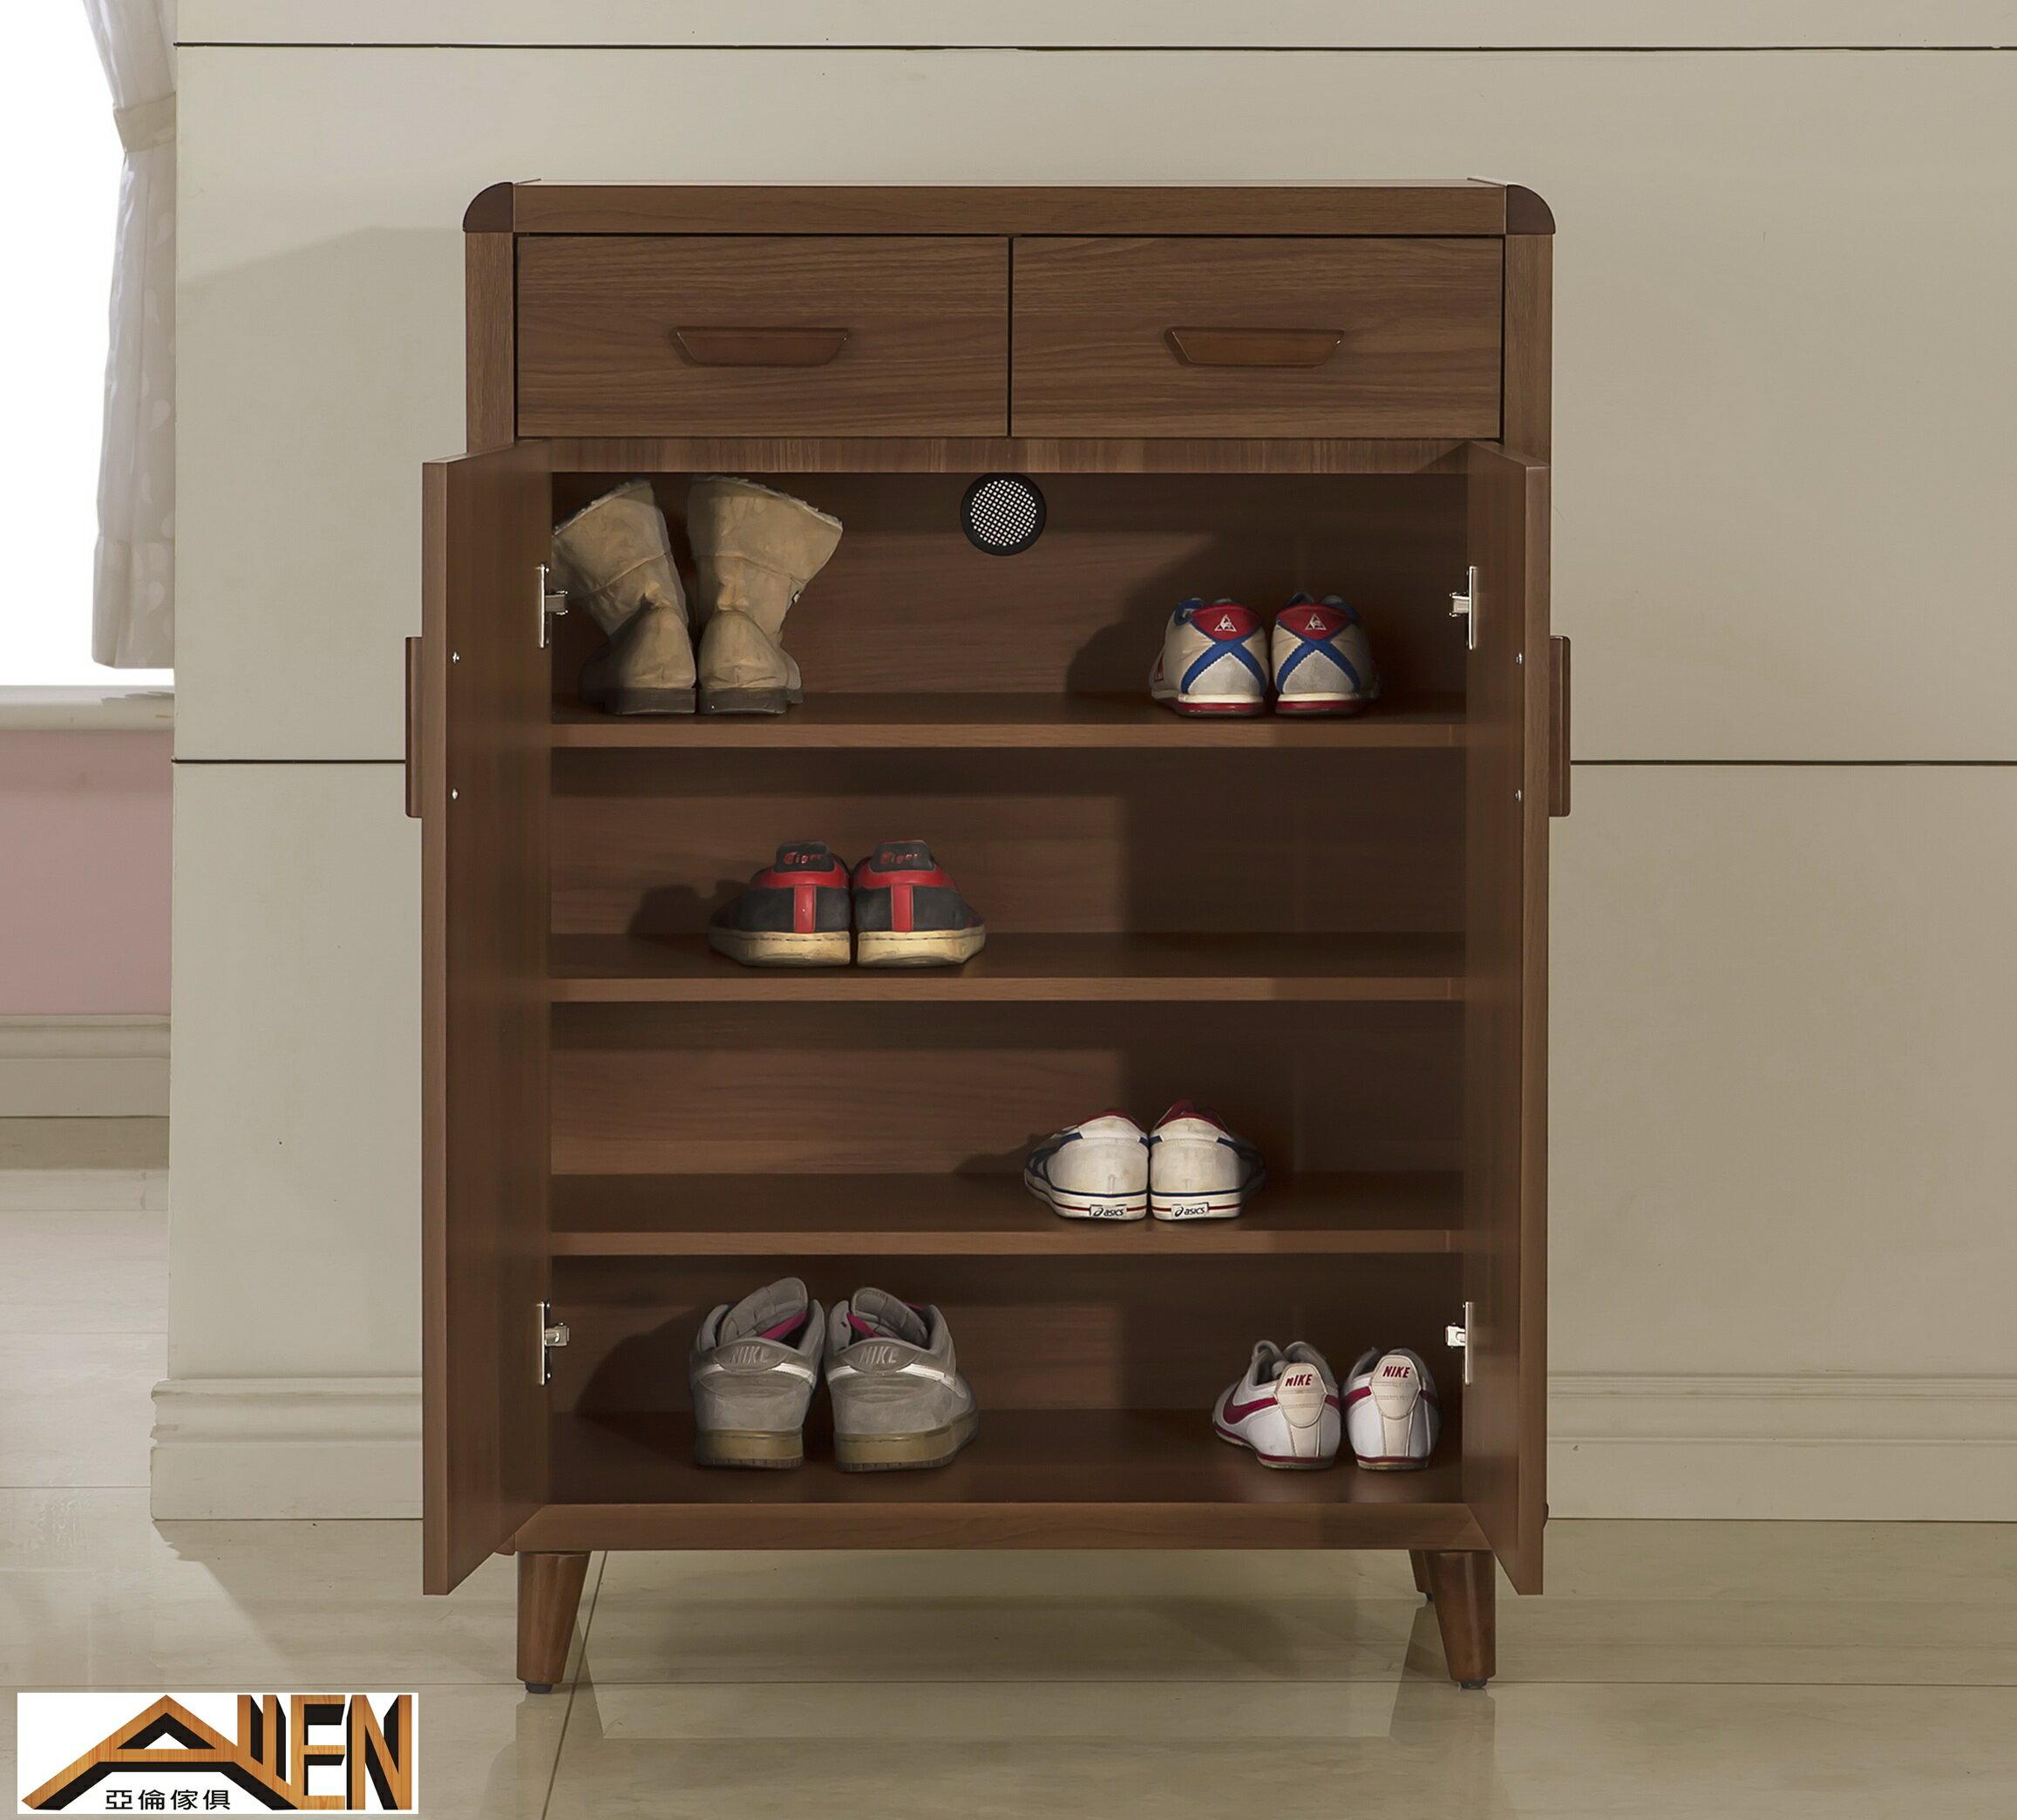 亞倫傢俱*阿勞德安全R角2.7尺鞋櫃 1